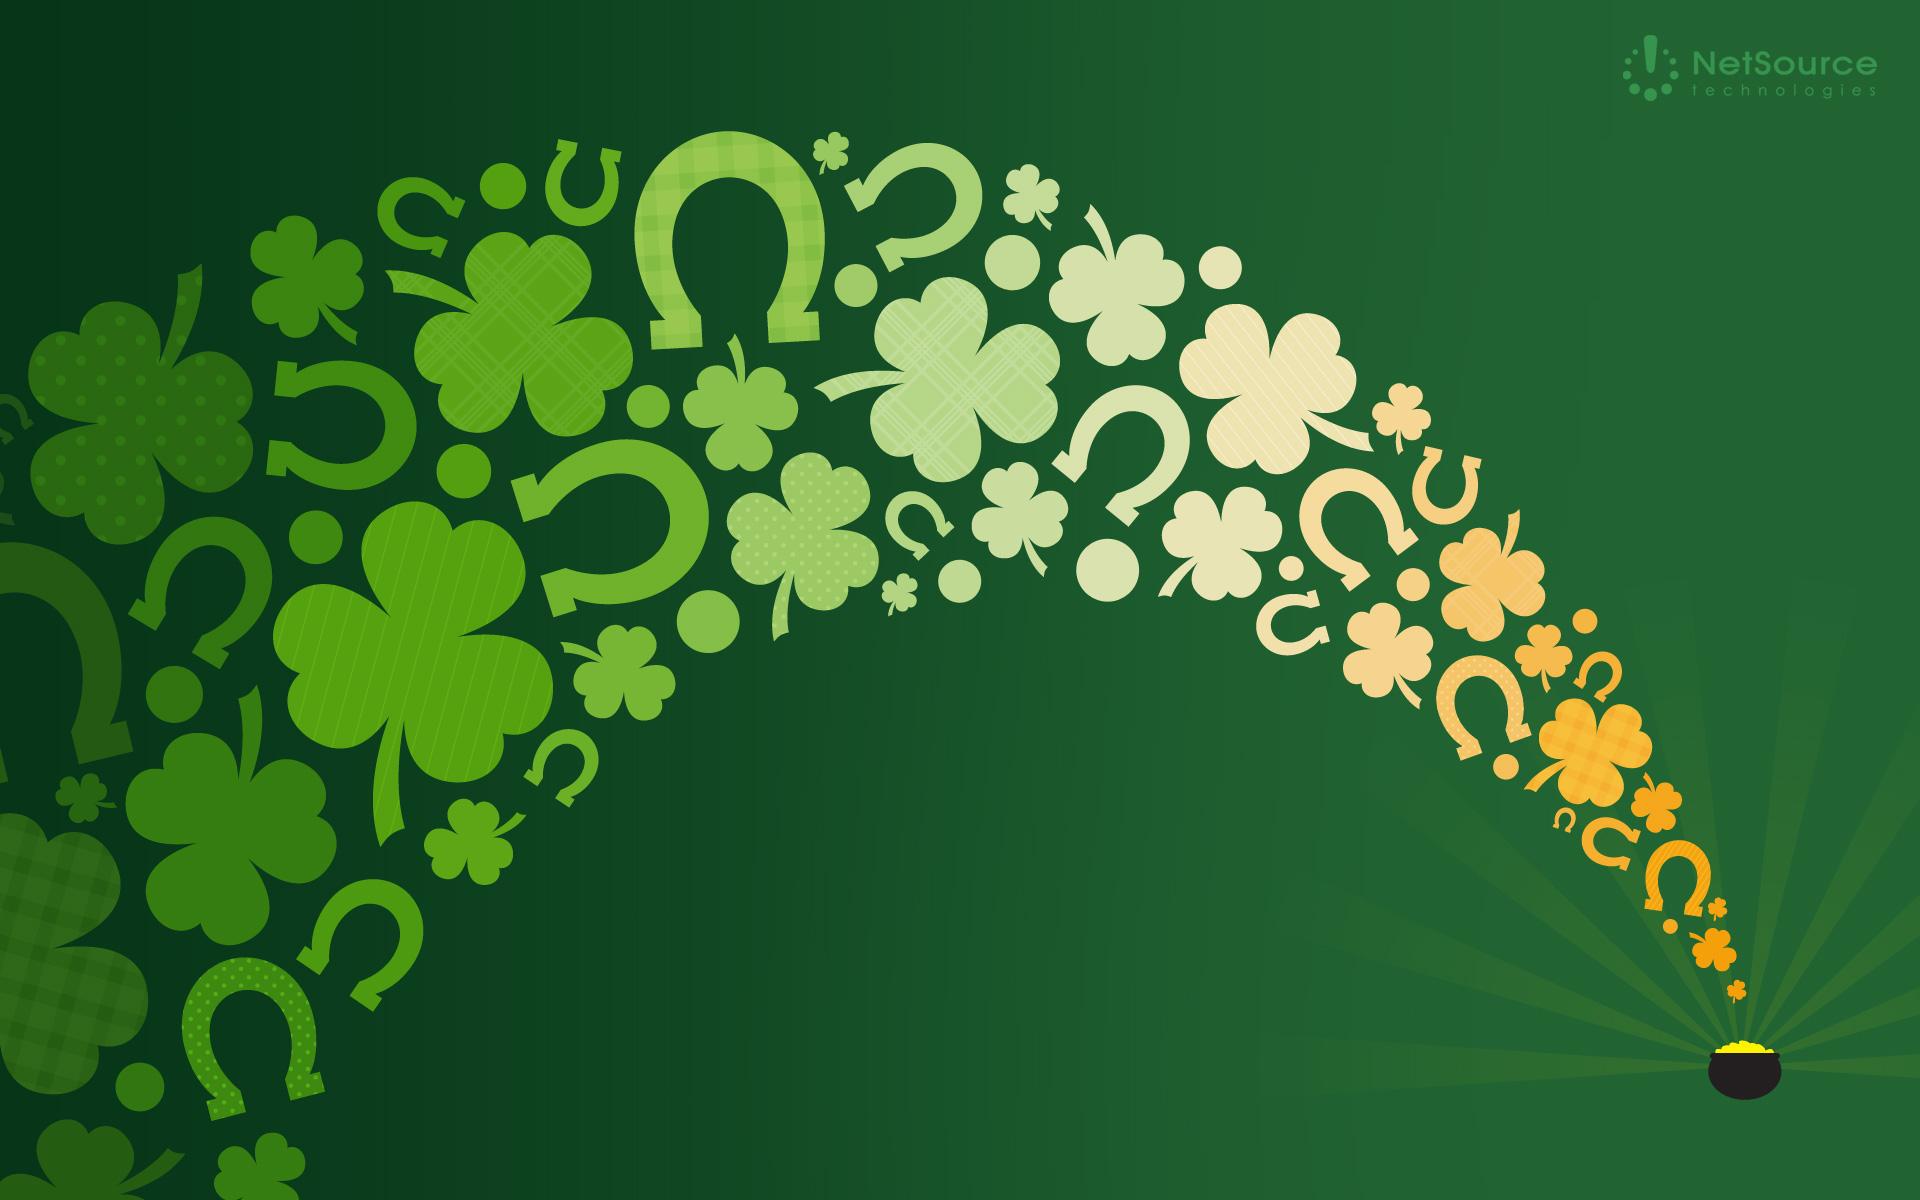 Saint Patrick's Day wallpaper - 396870